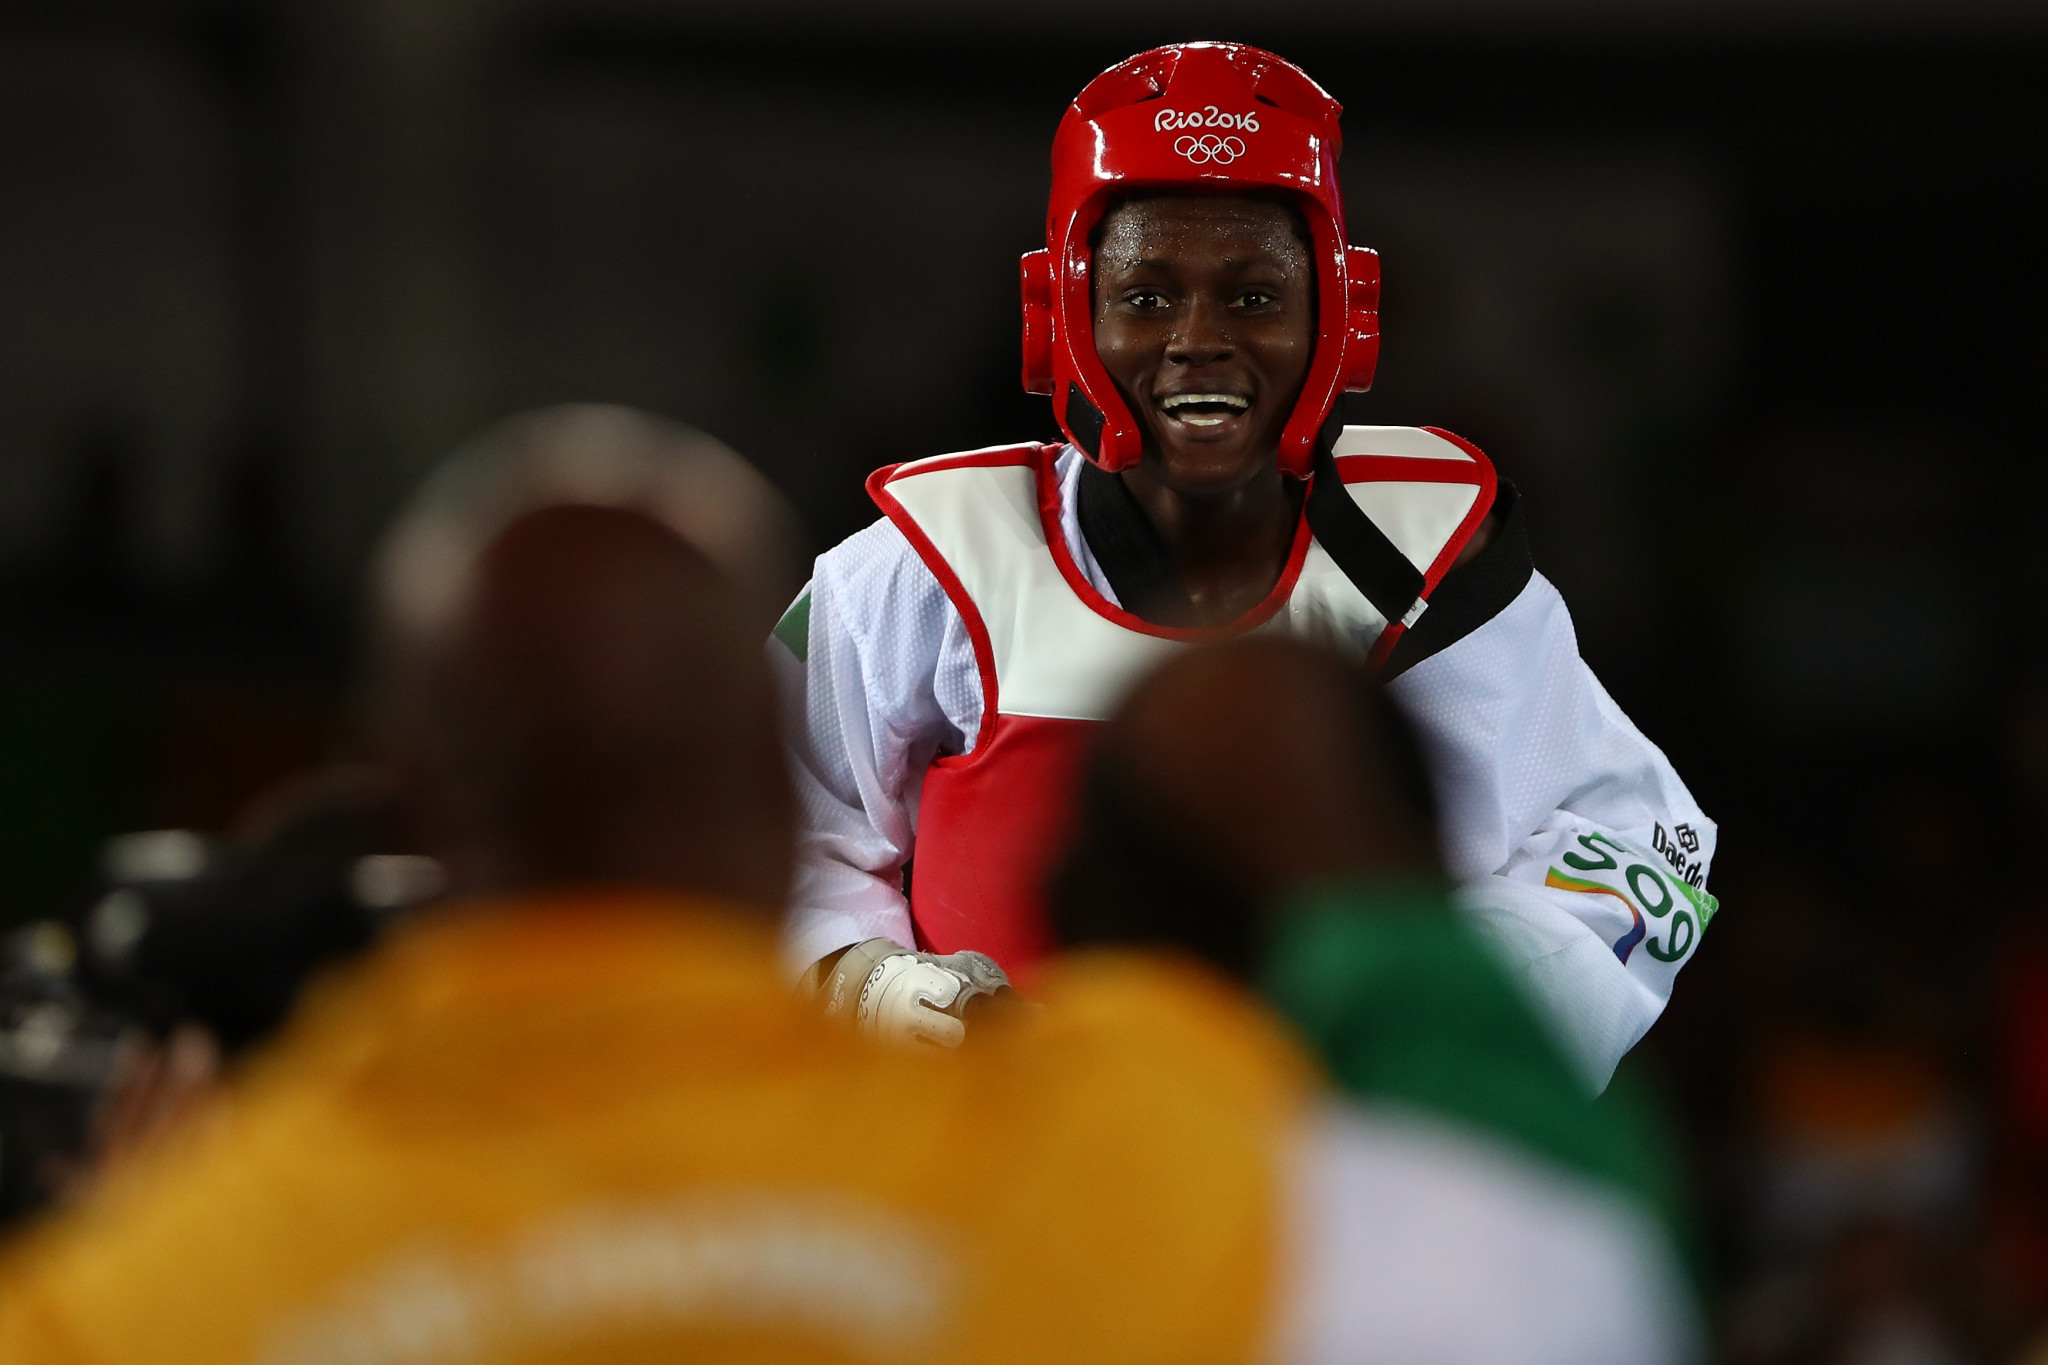 Ivorian Taekwondo Federation planning to send Olympic athletes to Europe